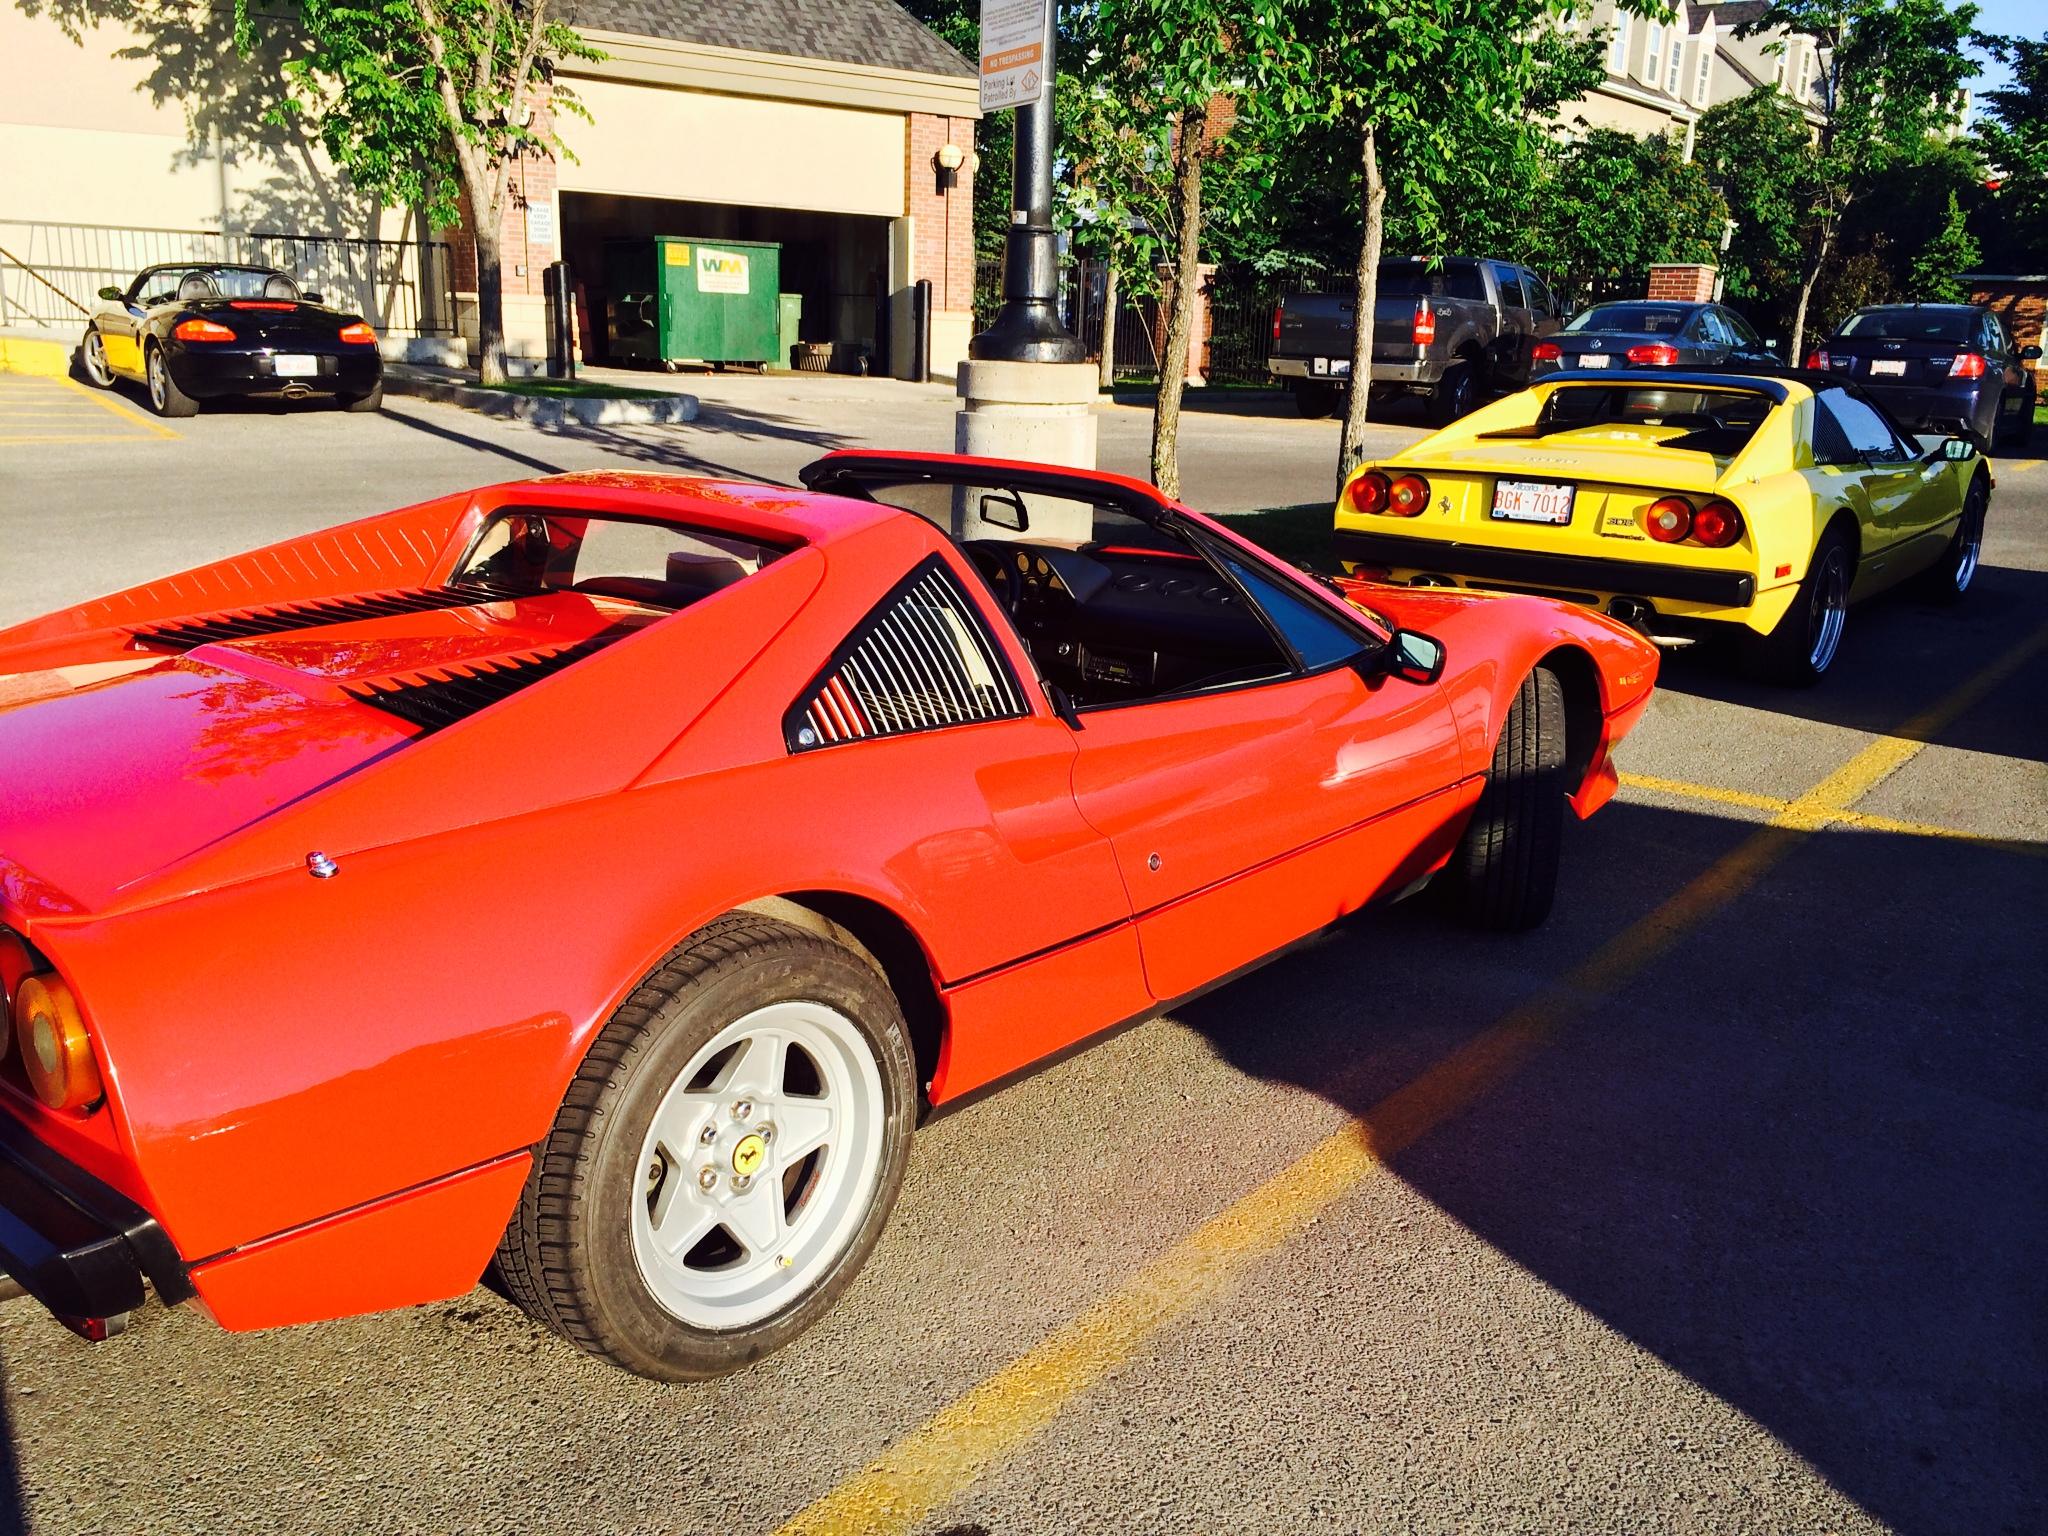 1984 Ferrari 308 Gts Qv Experience Thread Archive Page 2 Mx 5 Fuse Box Miata Forum